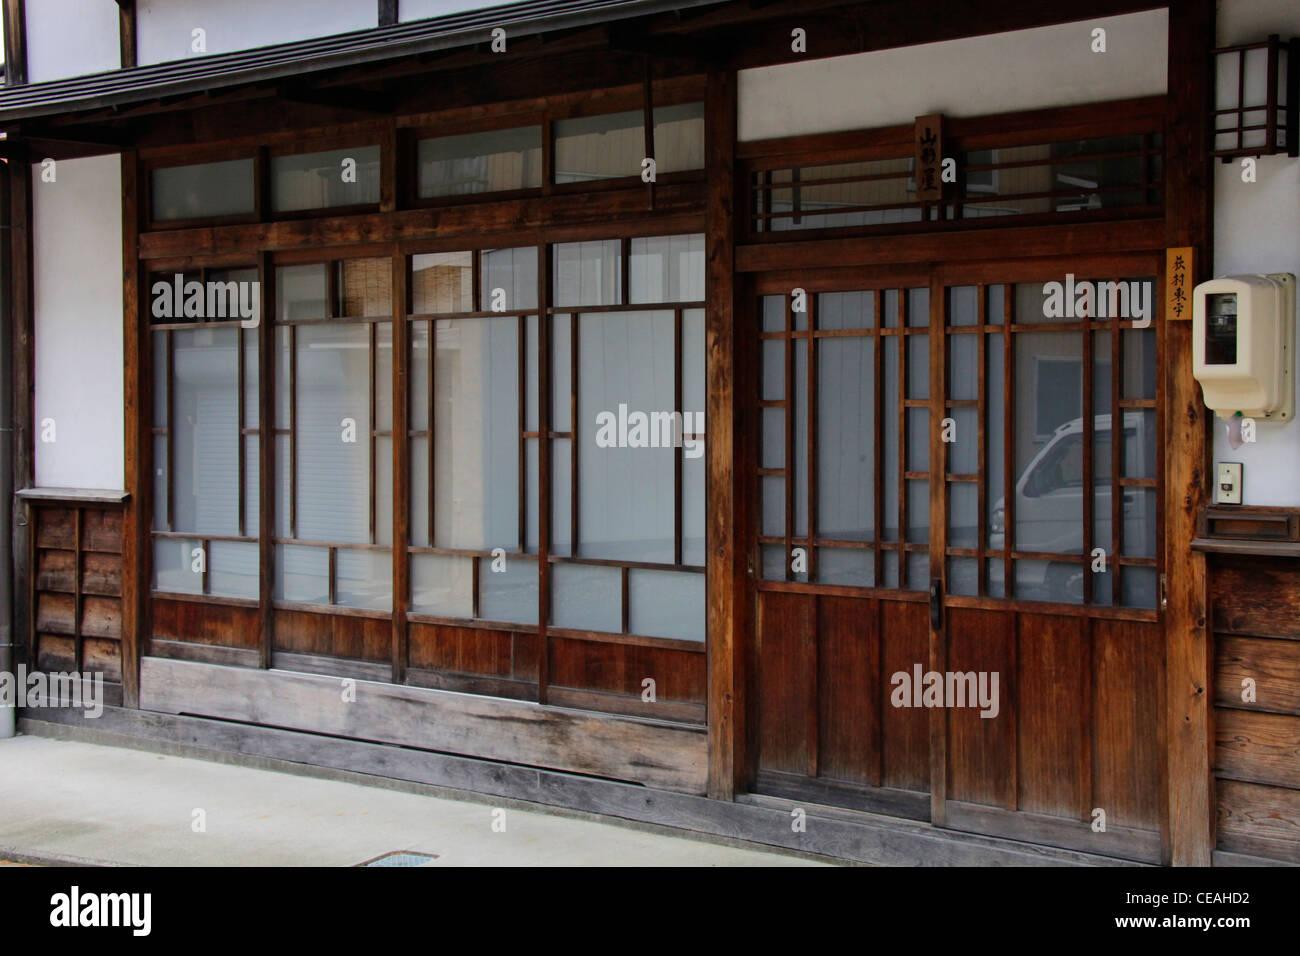 Lattice doors and windows of a house at Narai-juku historic town of Kisoji Nagano Japan & Lattice doors and windows of a house at Narai-juku historic town of ...